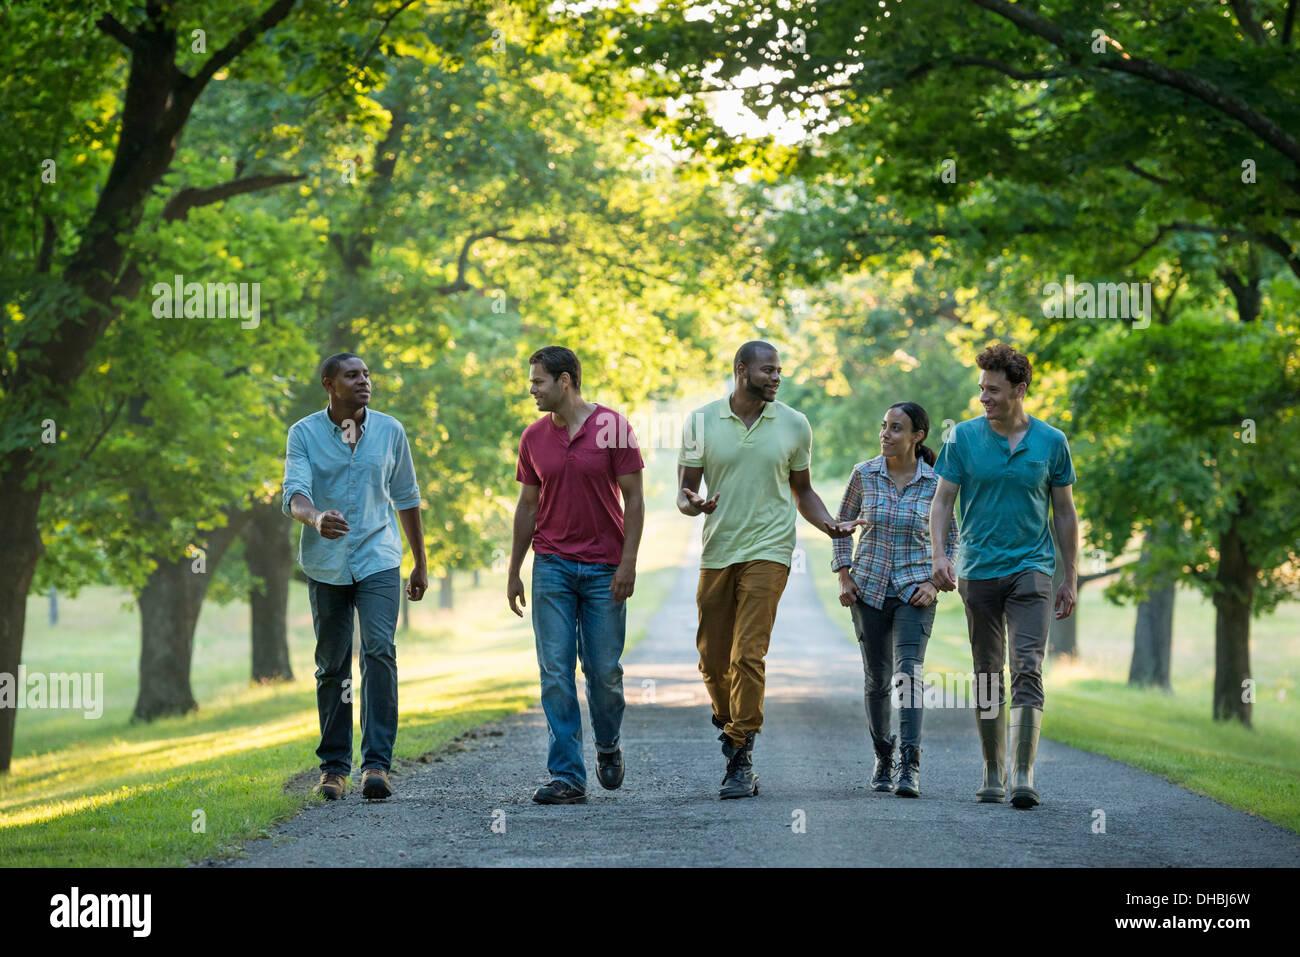 Cinque persone che camminano giù un viale alberato in campagna. Immagini Stock